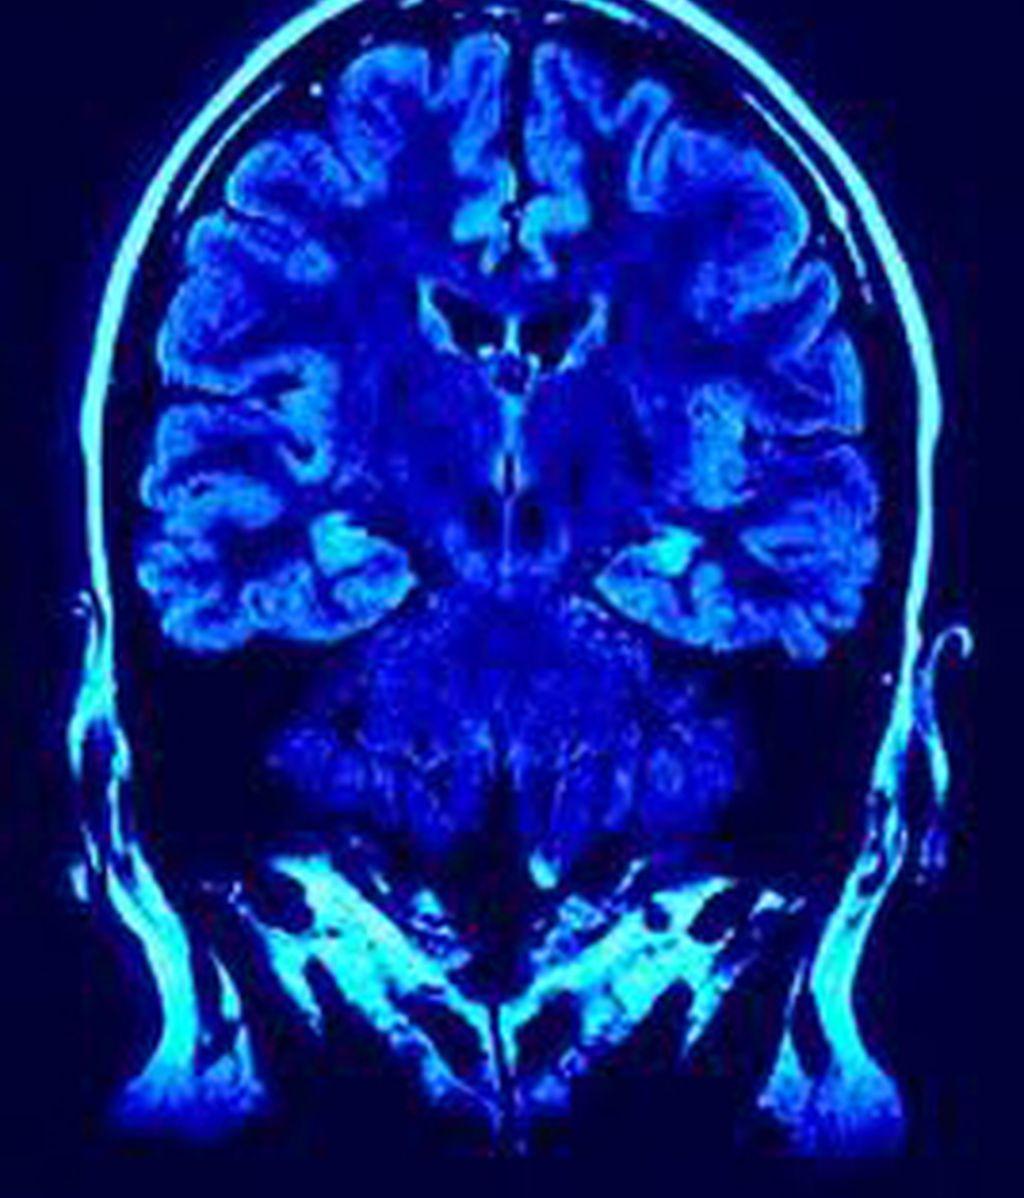 Una reciente investigación ha identificado ocho factores que incrementan el riesgo de sufrir un ictus. Foto archivo